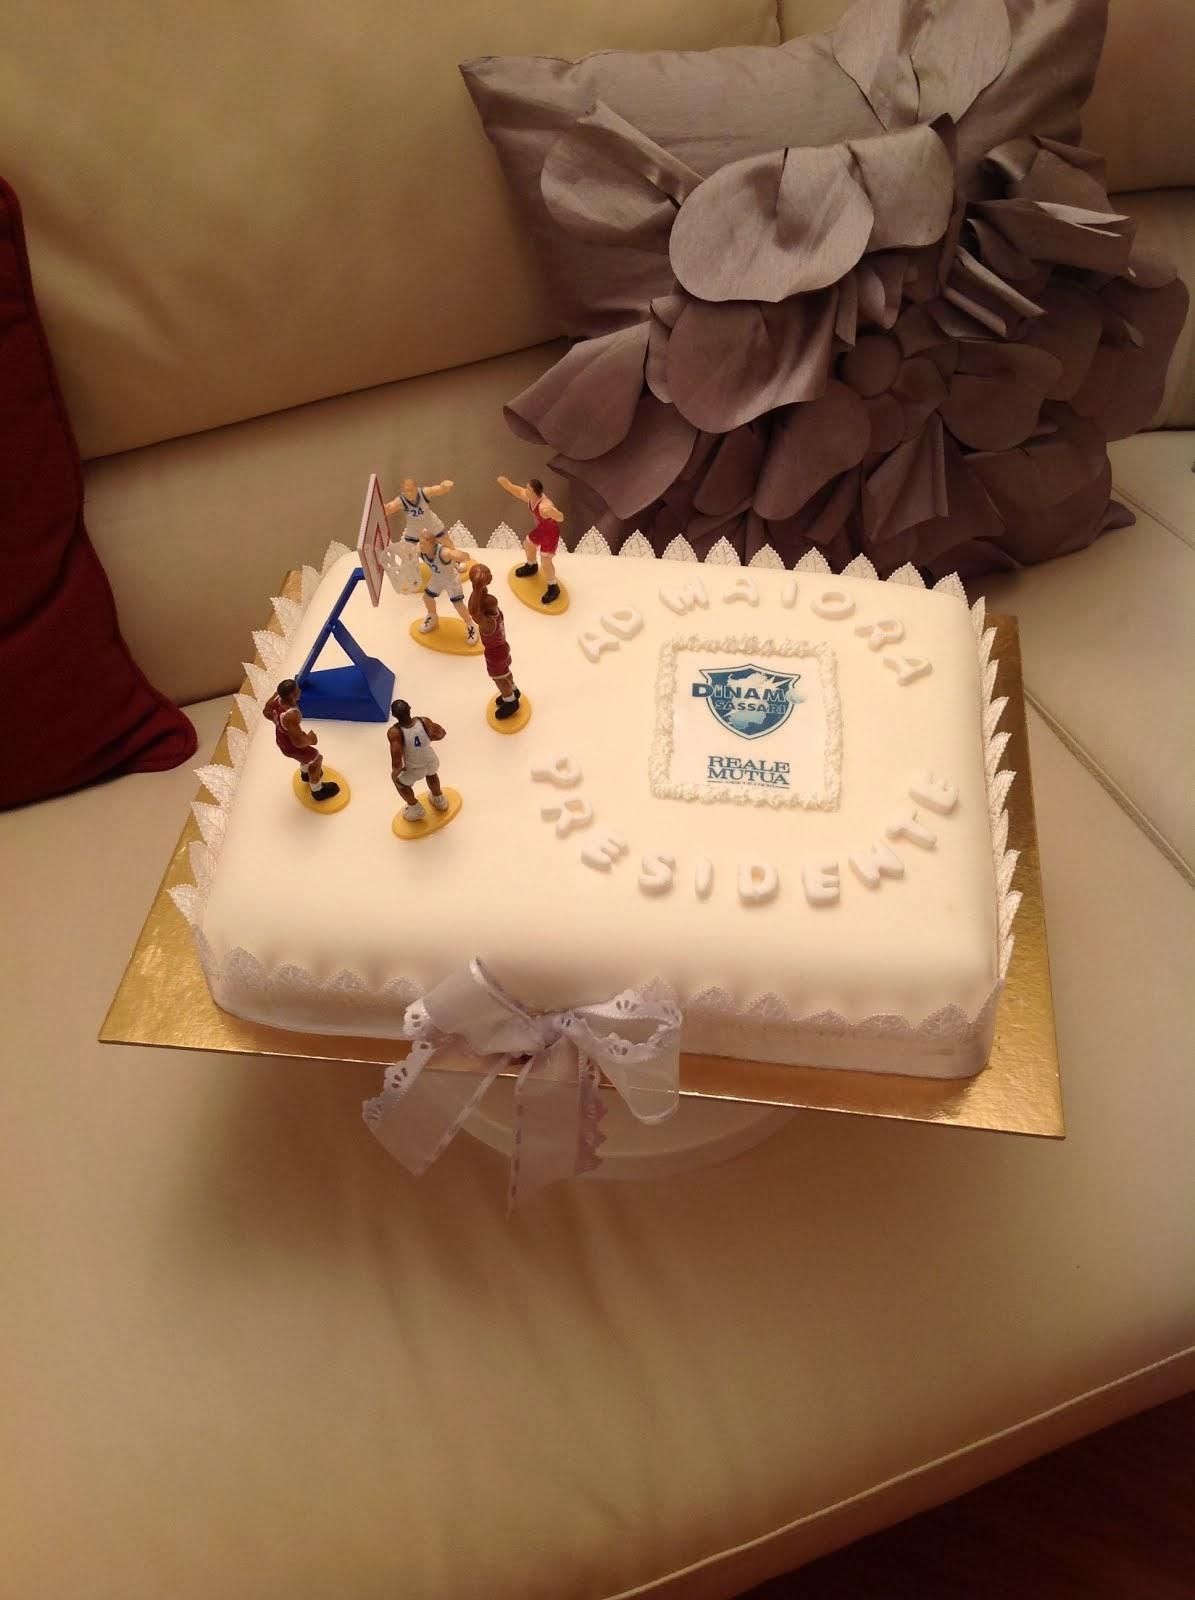 Cake for Dinamo's President